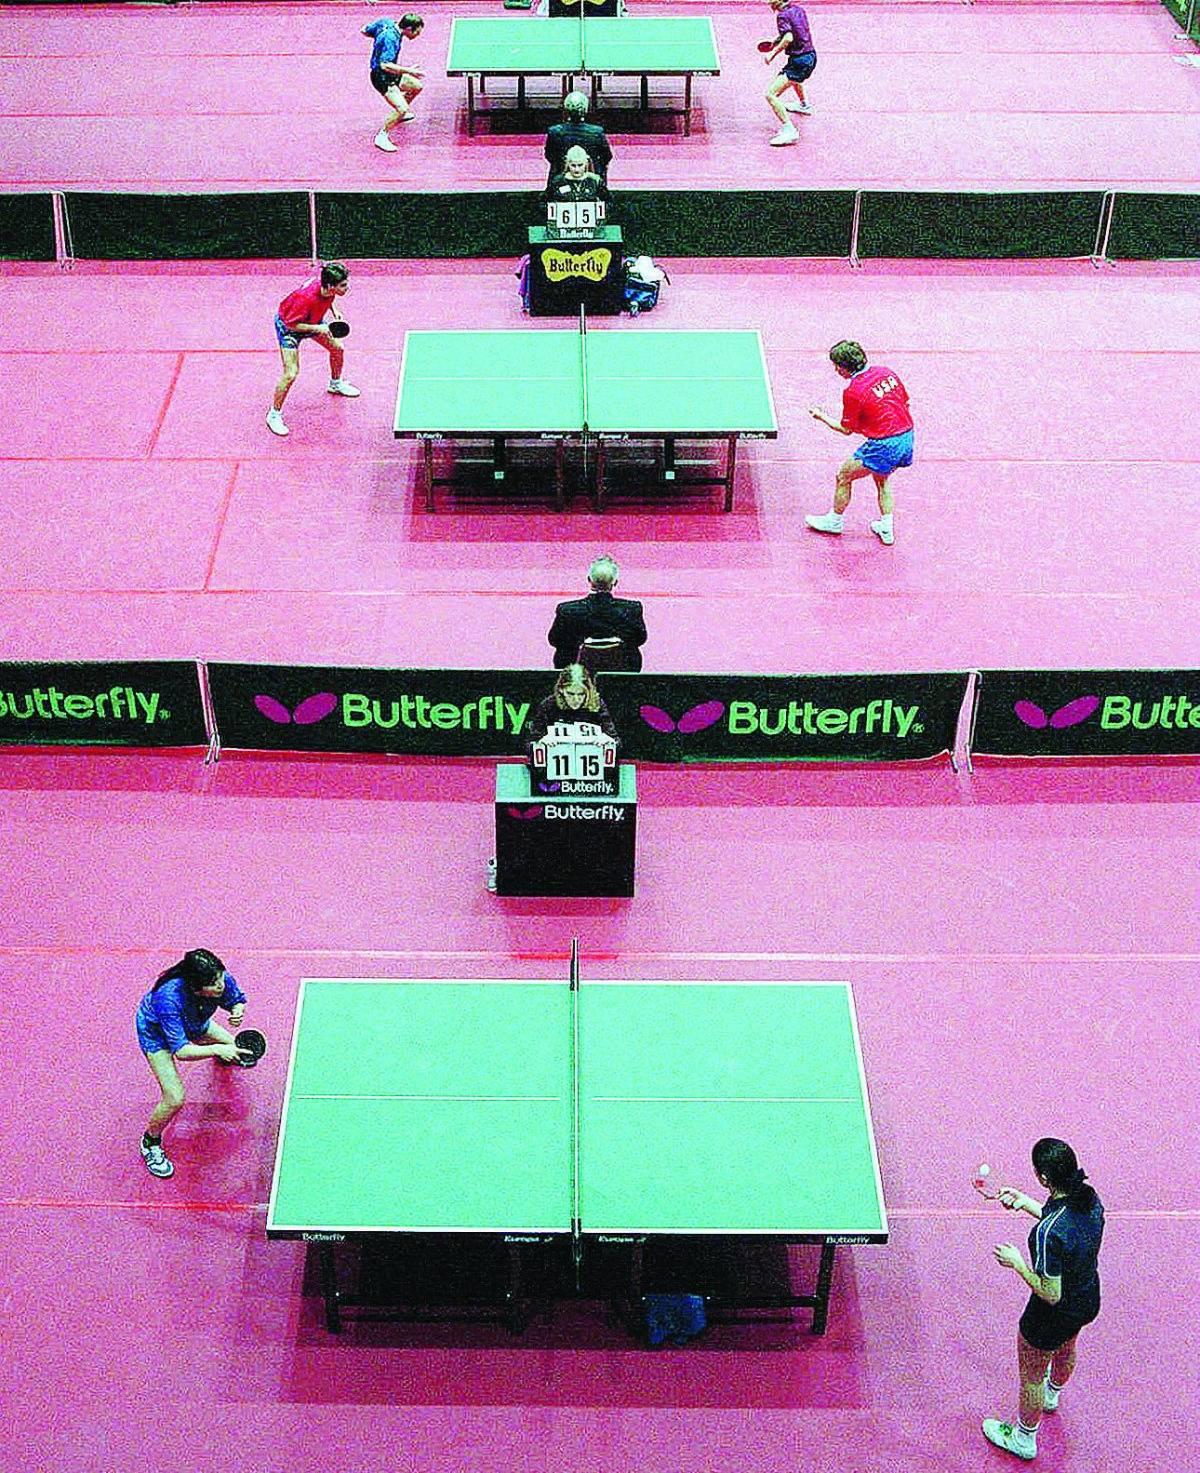 Sognando la Cina il tennis da tavolo cerca un palazzetto